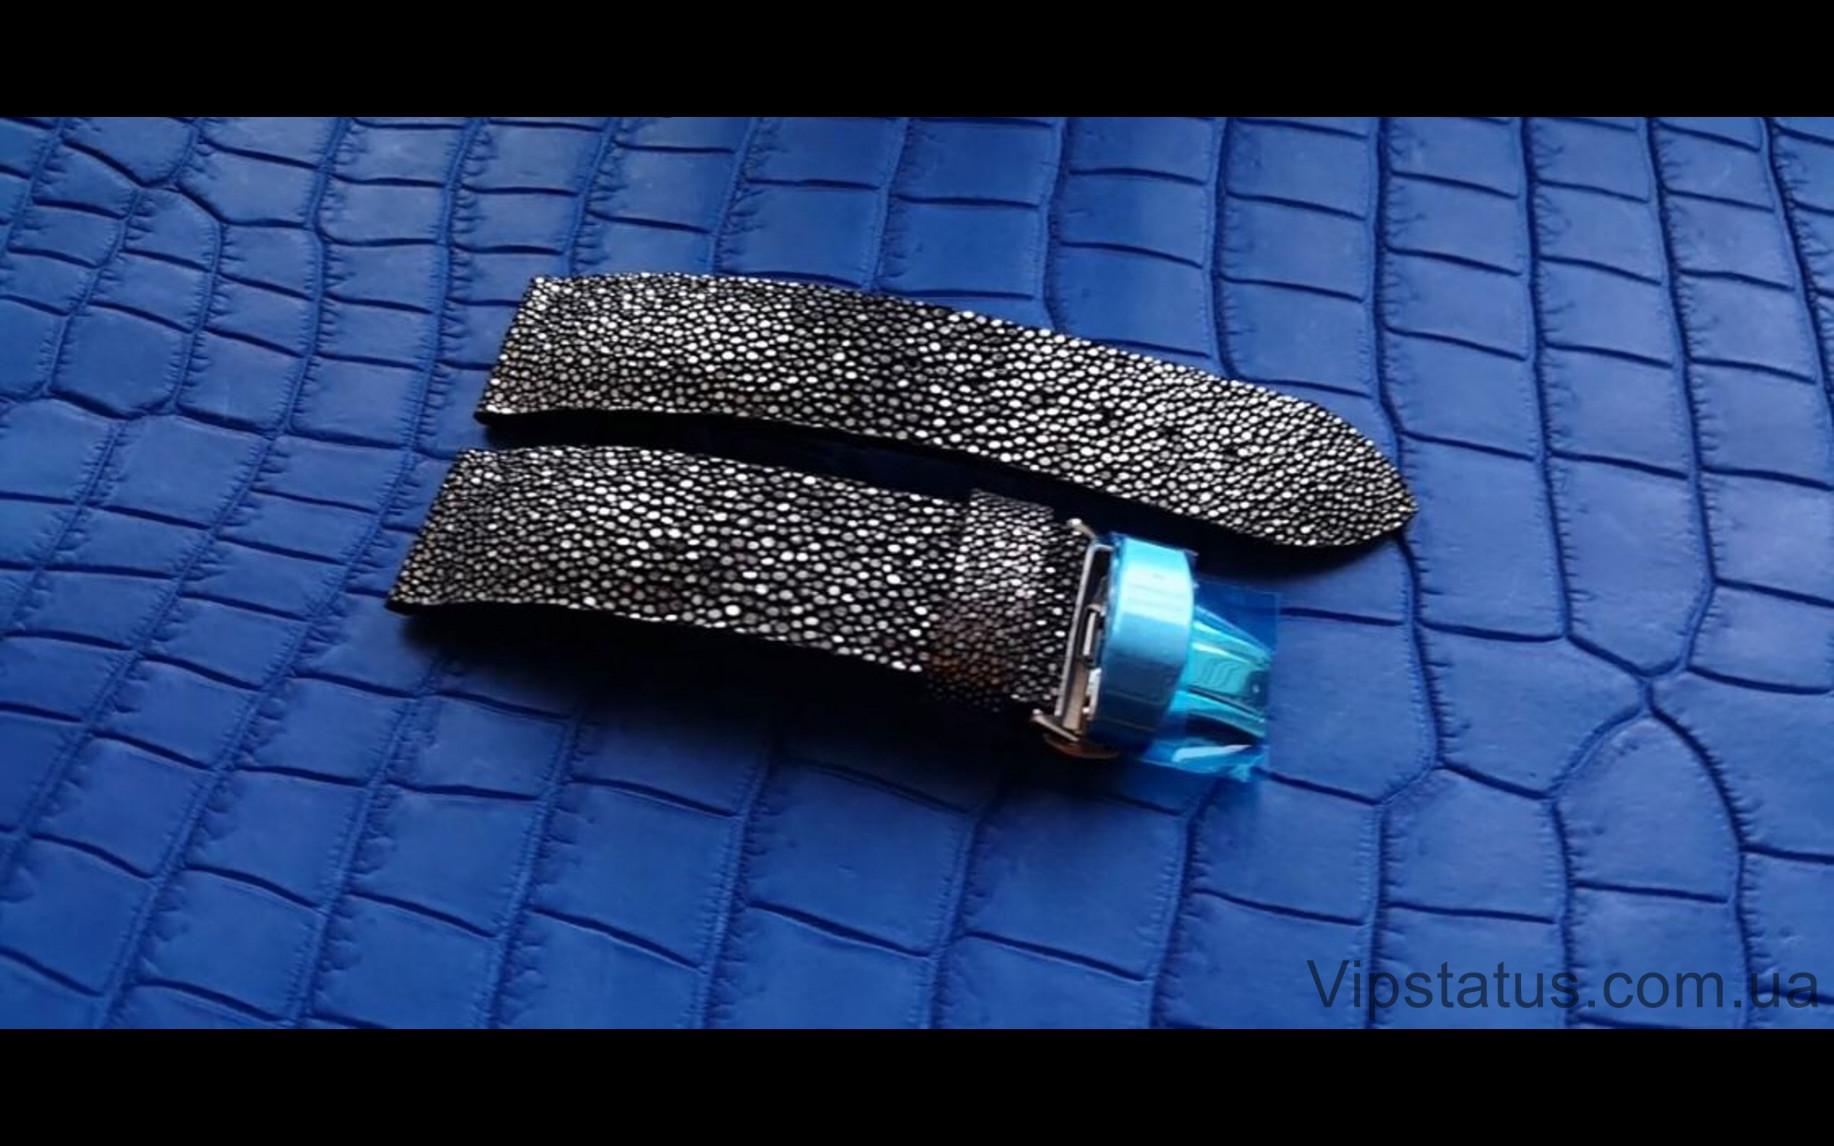 Элитный Лакшери ремешок для часов Silver Metallic кожа ската Эксклюзивный ремешок для часов Silver Metallic из кожи ската  изображение 1